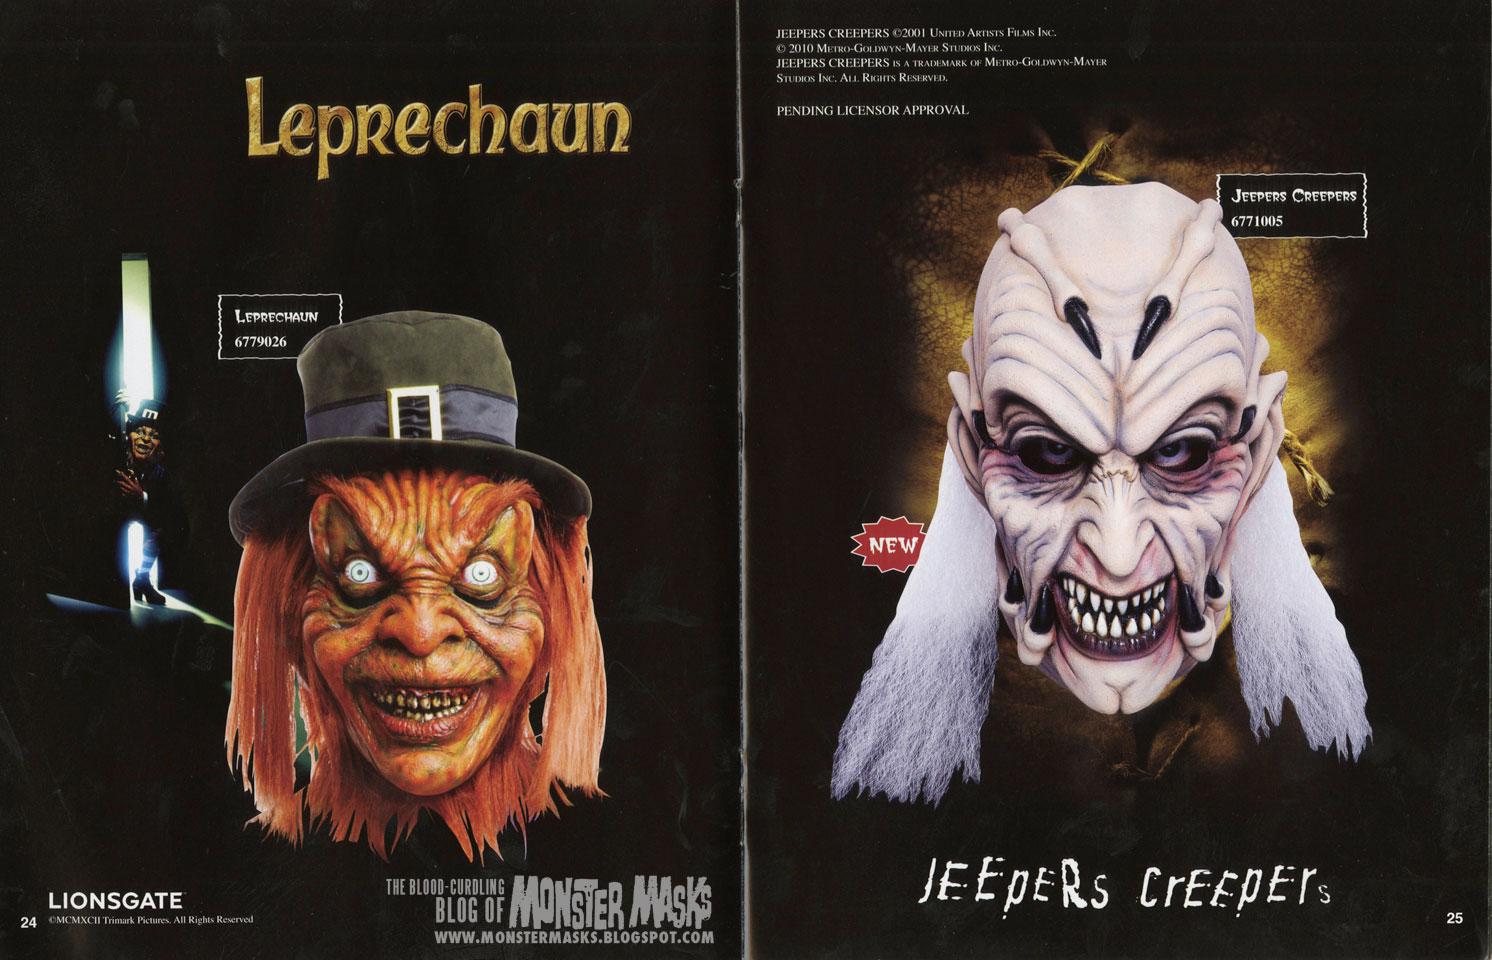 2010 Don Post Studios Catalog | Blood Curdling Blog of Monster Masks